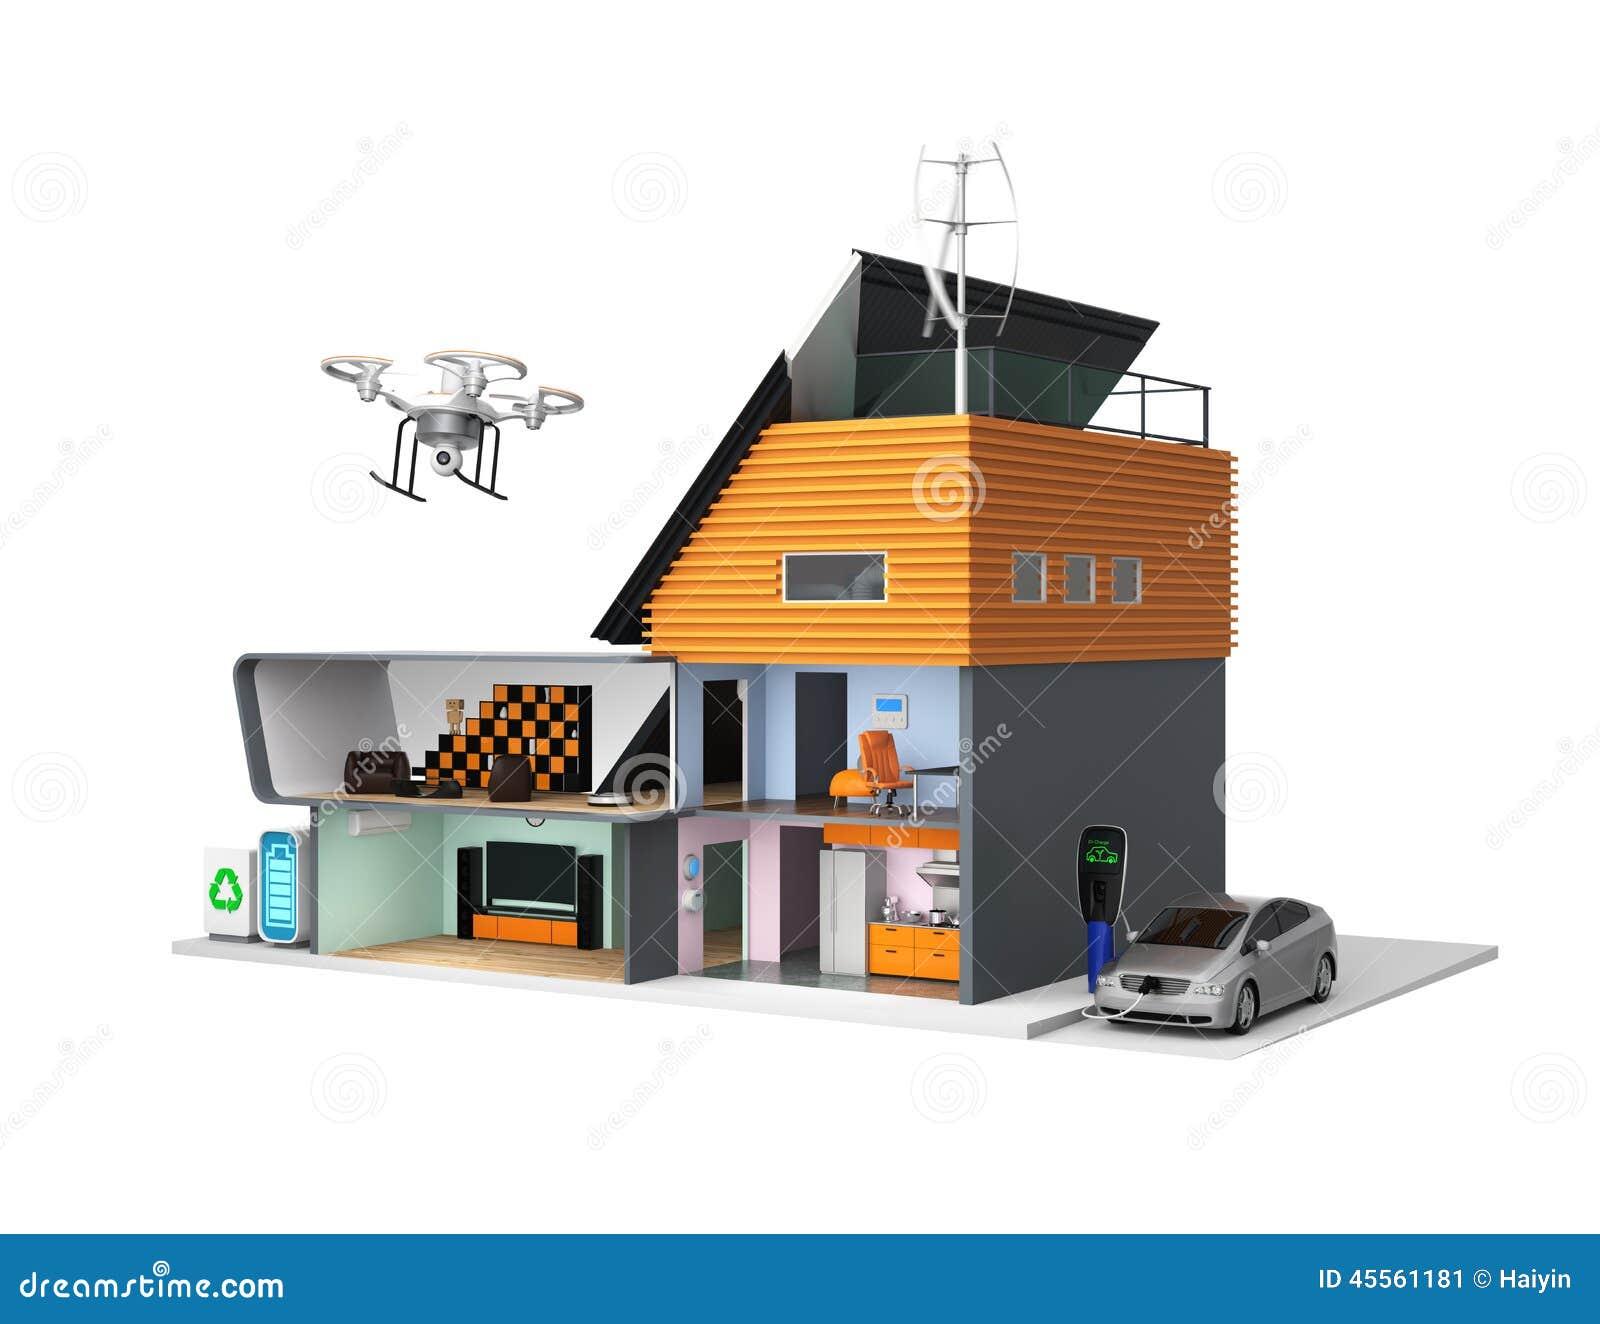 Smart house with energy efficient appliances solar panels for Solar efficient house design